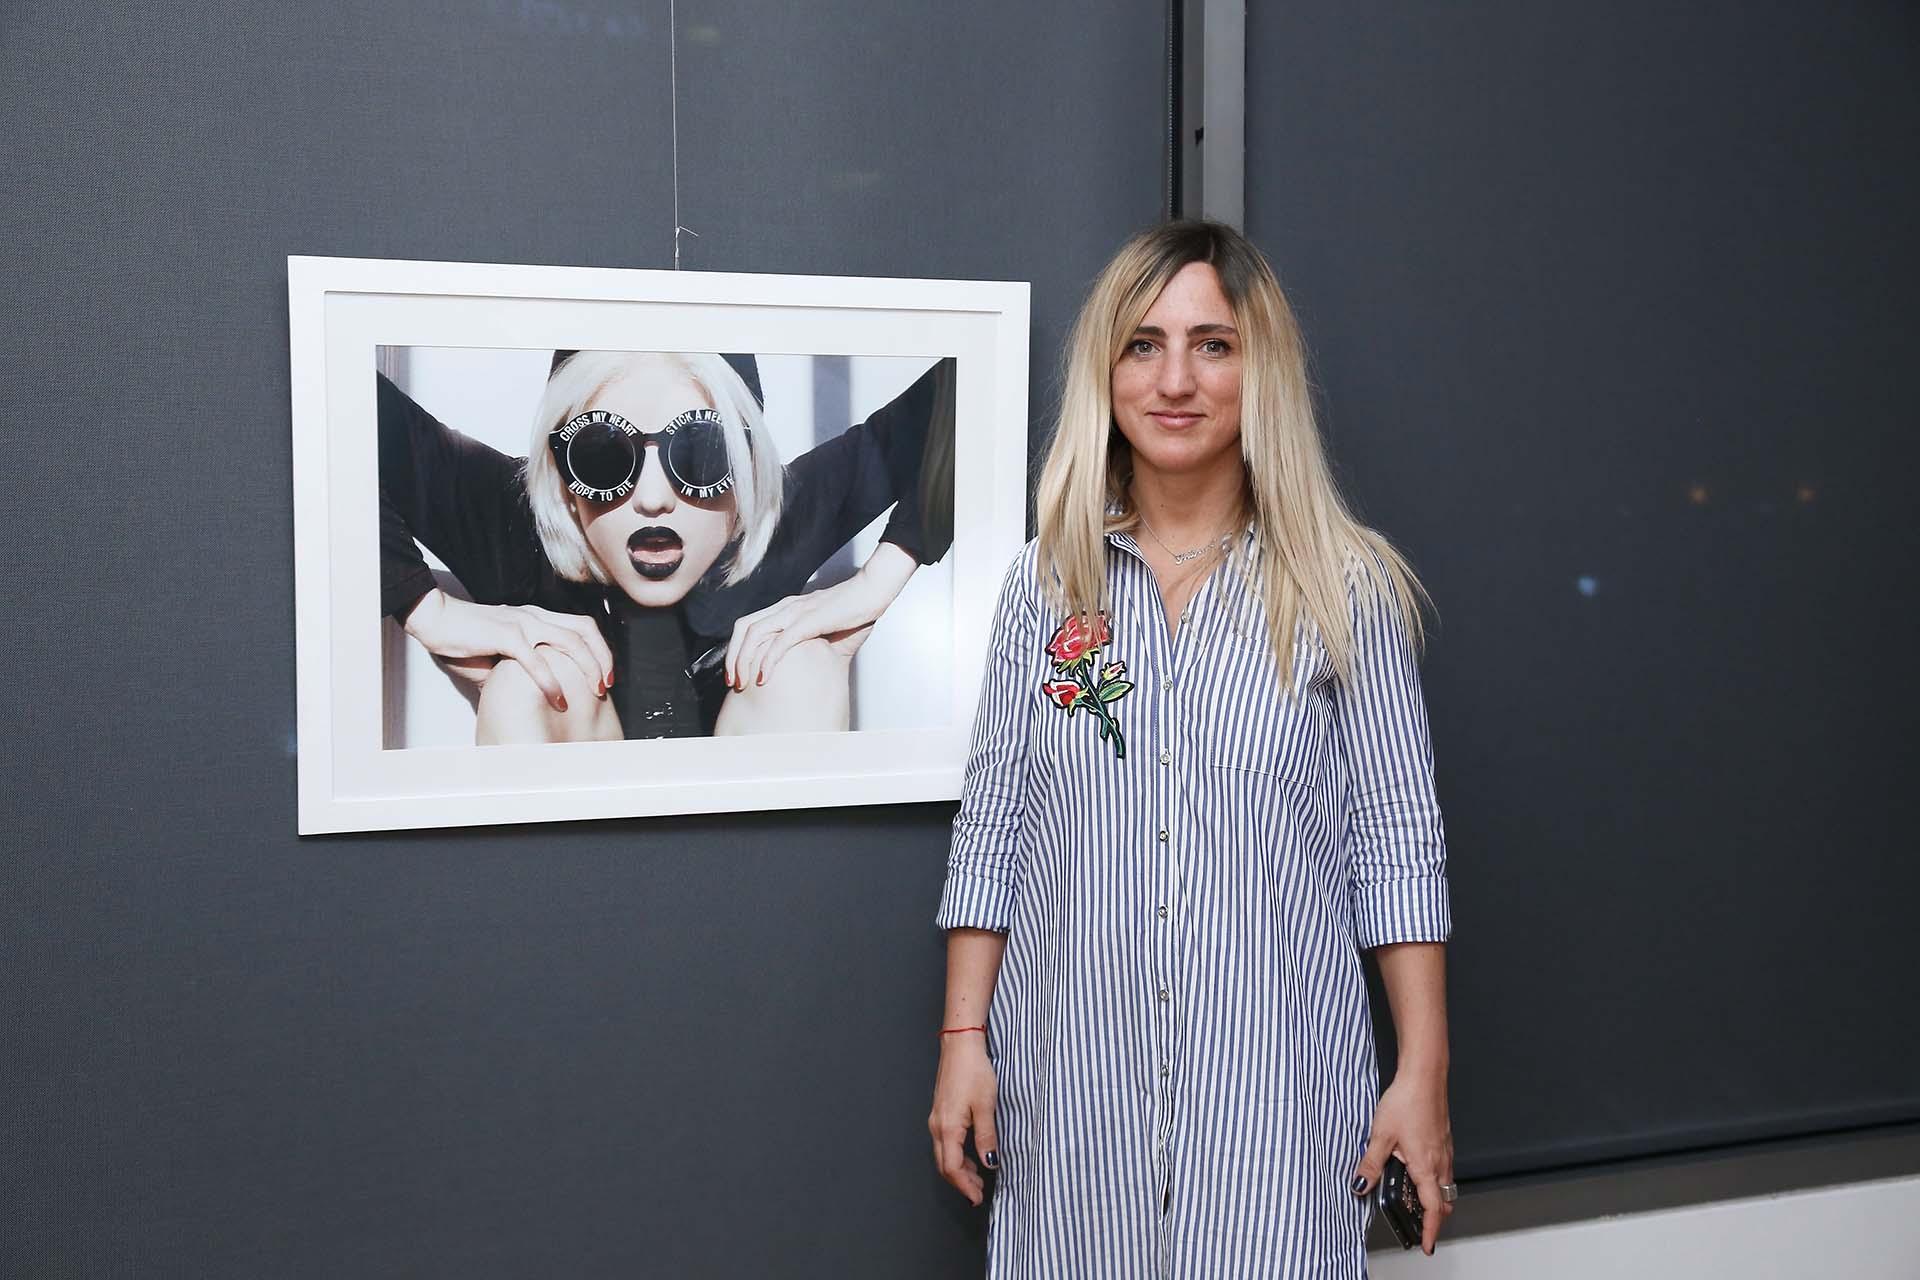 La fotógrada Ani Buero. El e-commerce cuenta con más de 400 obras de más de 50 artistas argentinos, organizado en categorías como pintura, grabado, fotografía, escultura y dibujo